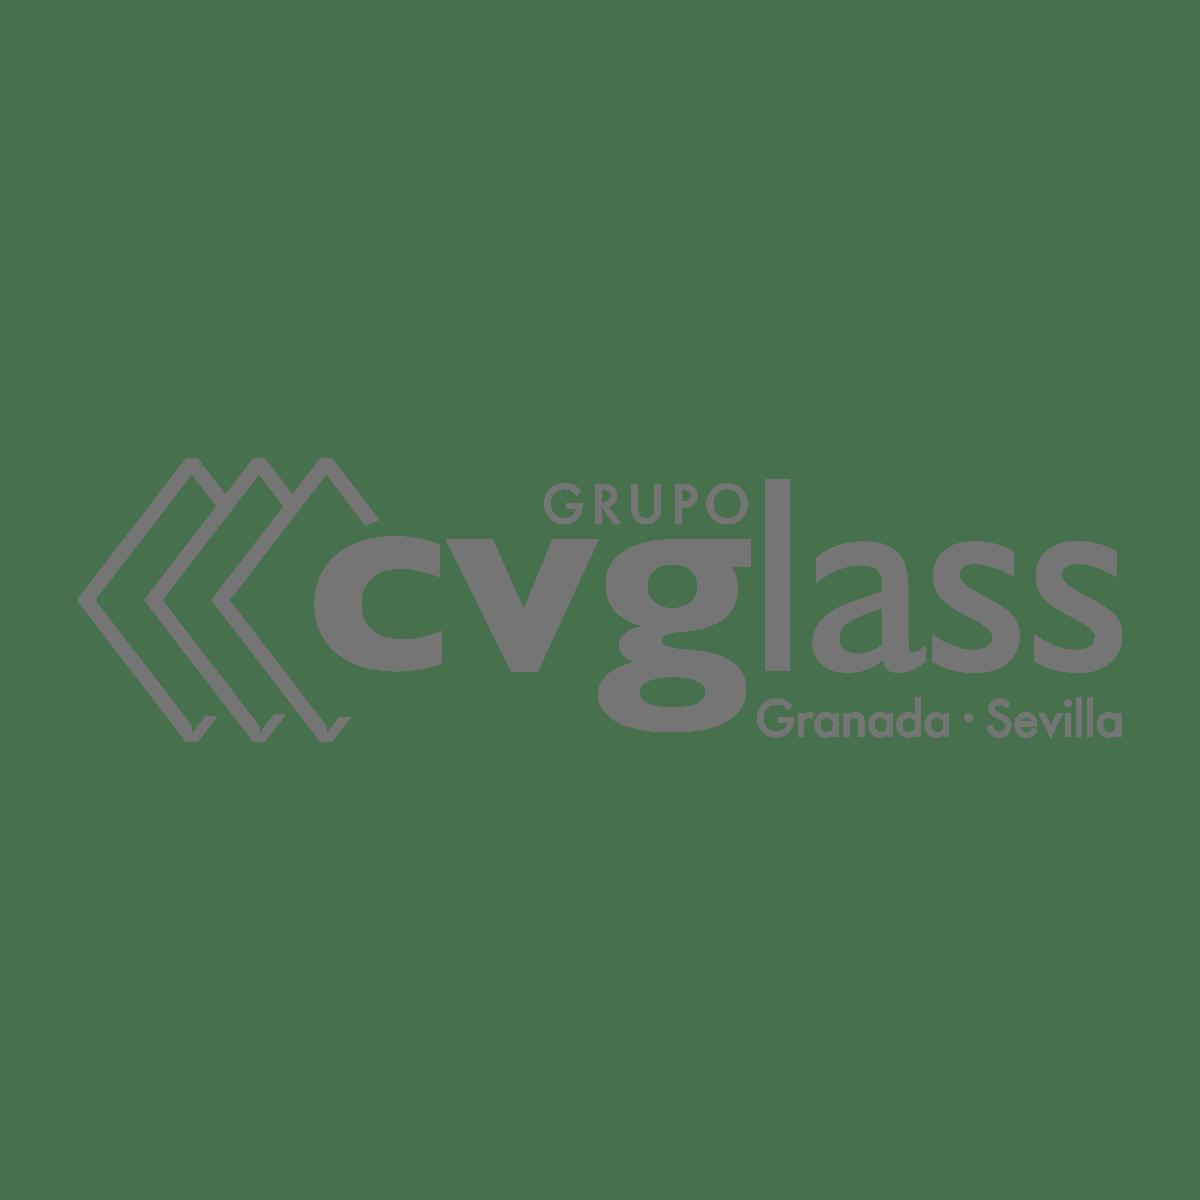 CvGlass